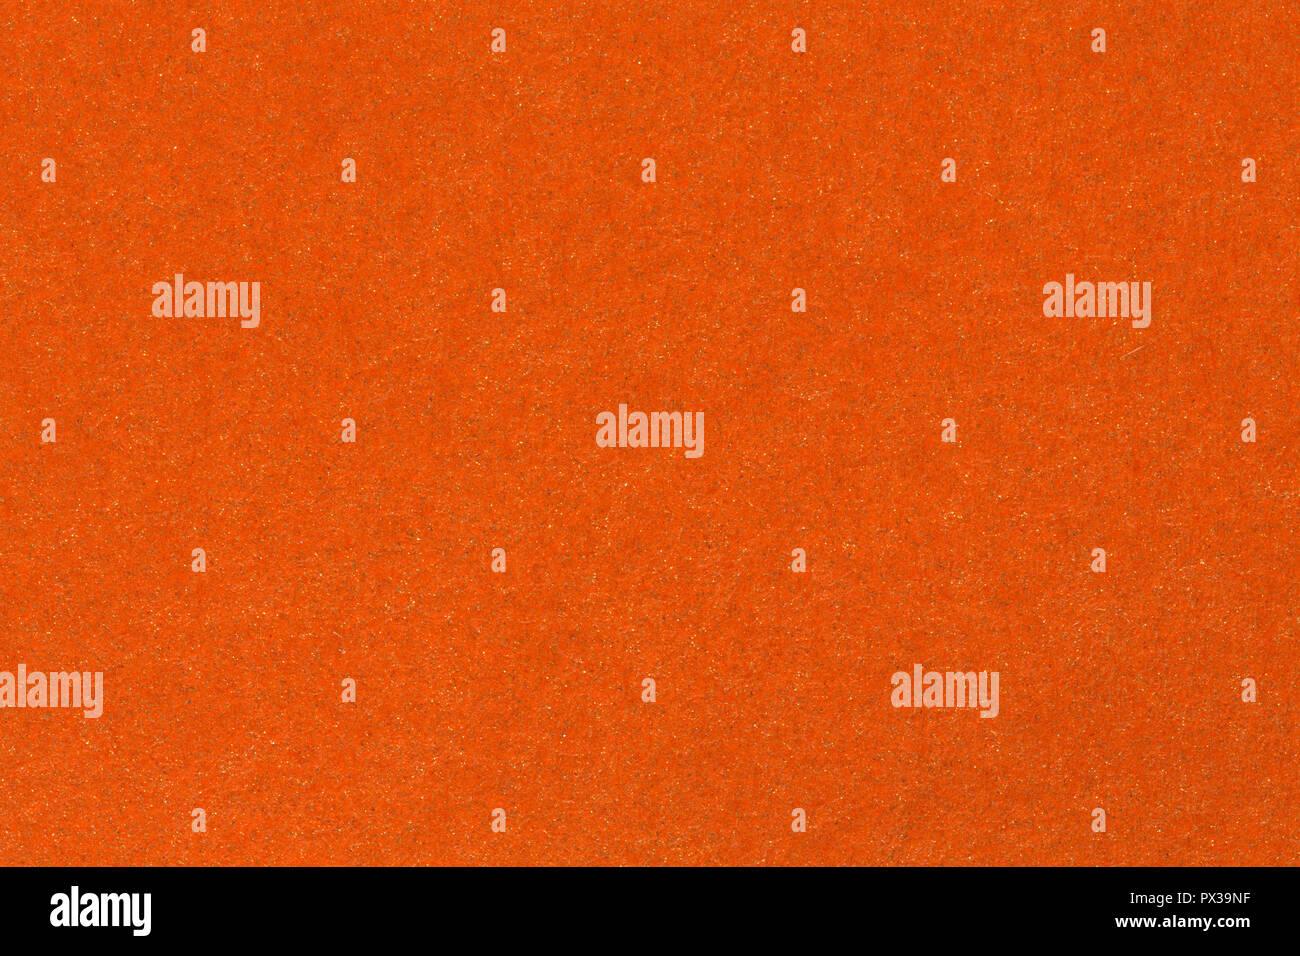 Orange Papier Textur und Hintergründe. Hochwertiges Papier Textur. Stockbild